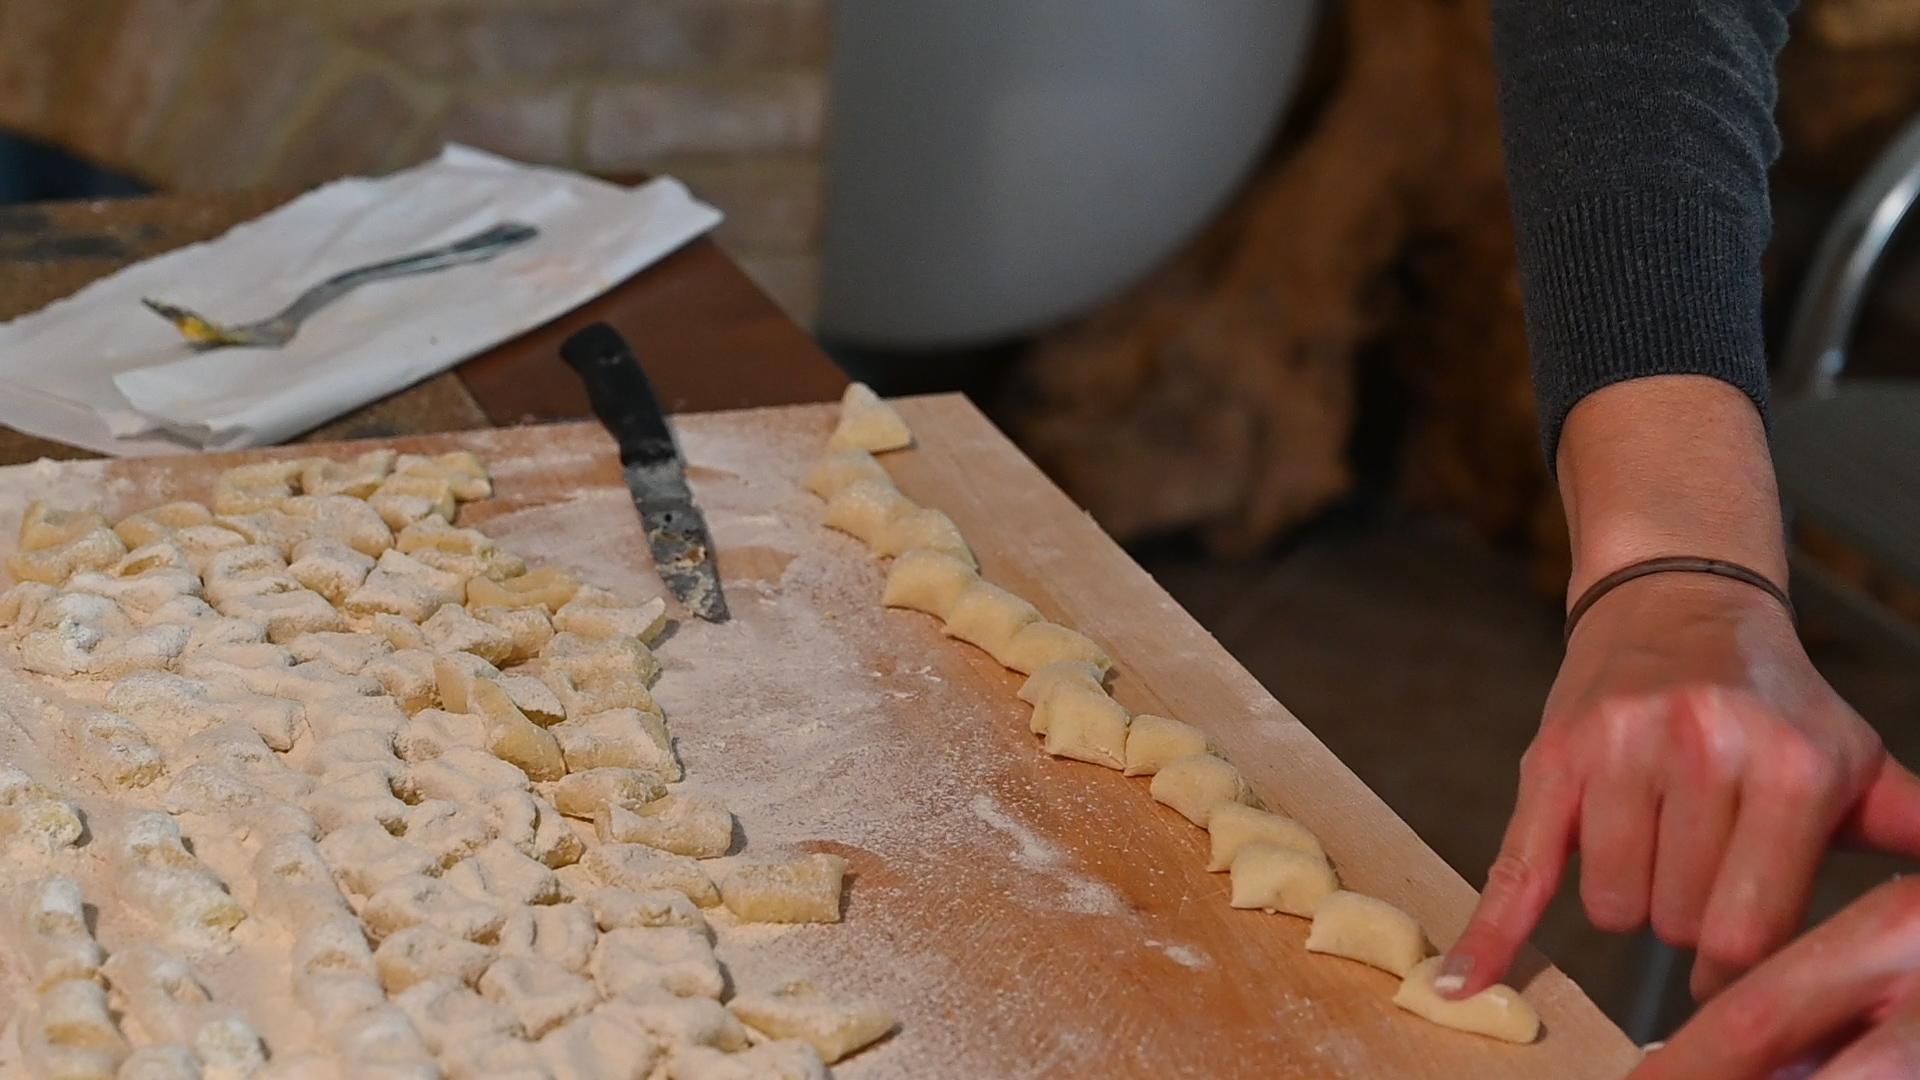 Esperienza sensoriale Assisi Tili Vini - Lezioni di cucina Umbra 16